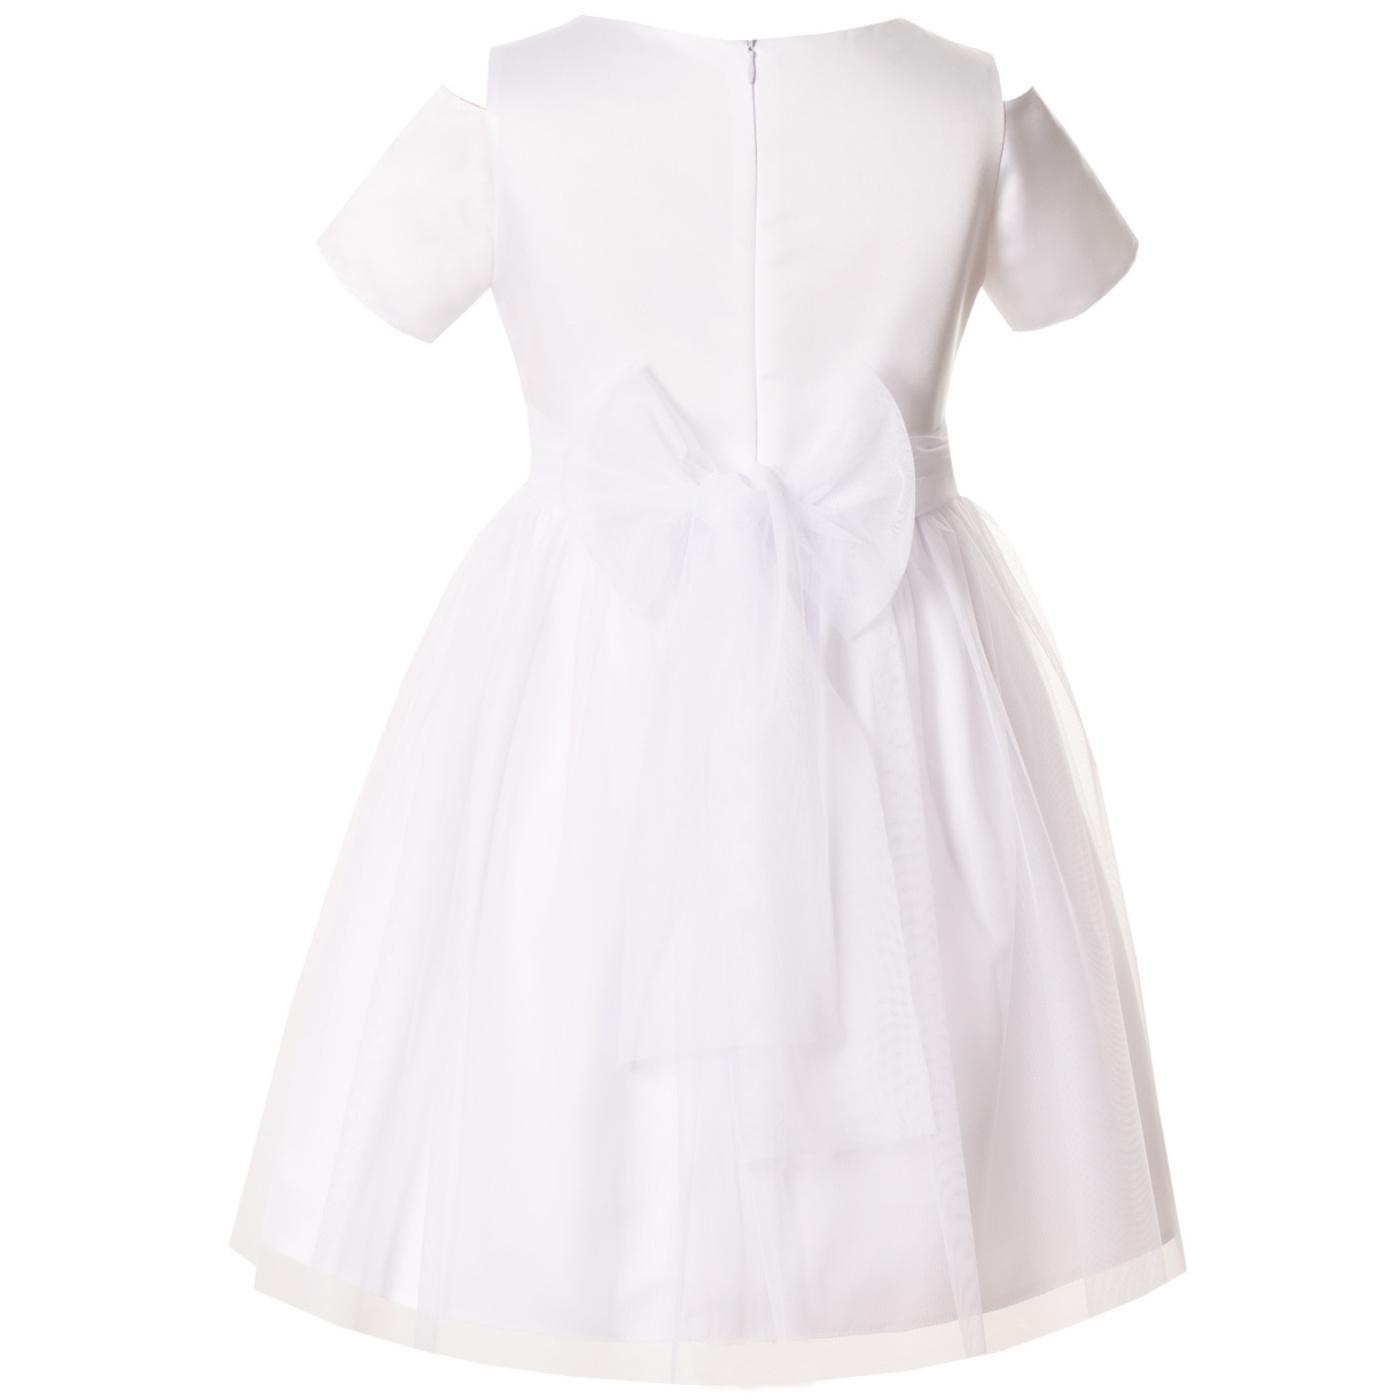 b901f5b68e ... Sukienka wizytowa dla dziewczynki z koronką Charlotte biała